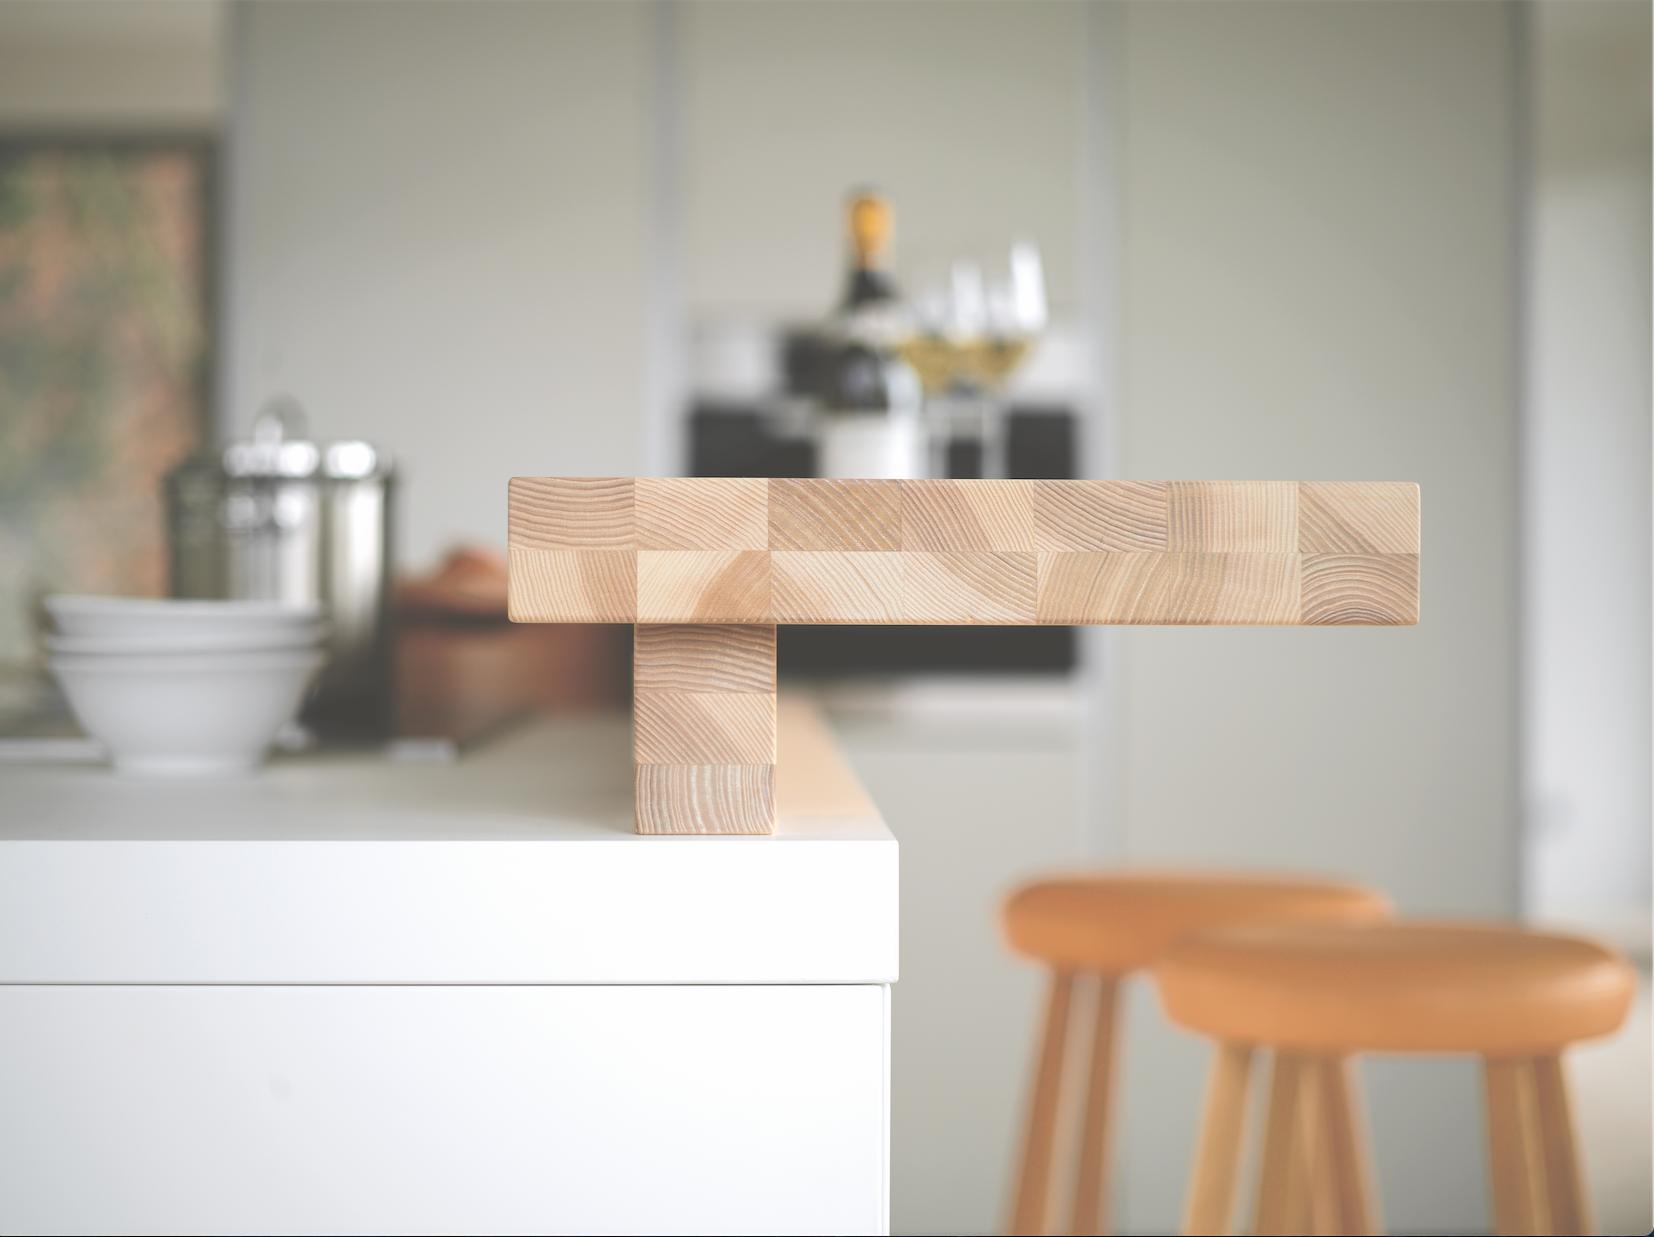 bulthaup - b1 keuken | b1 - de witte pure keuken | Pinterest